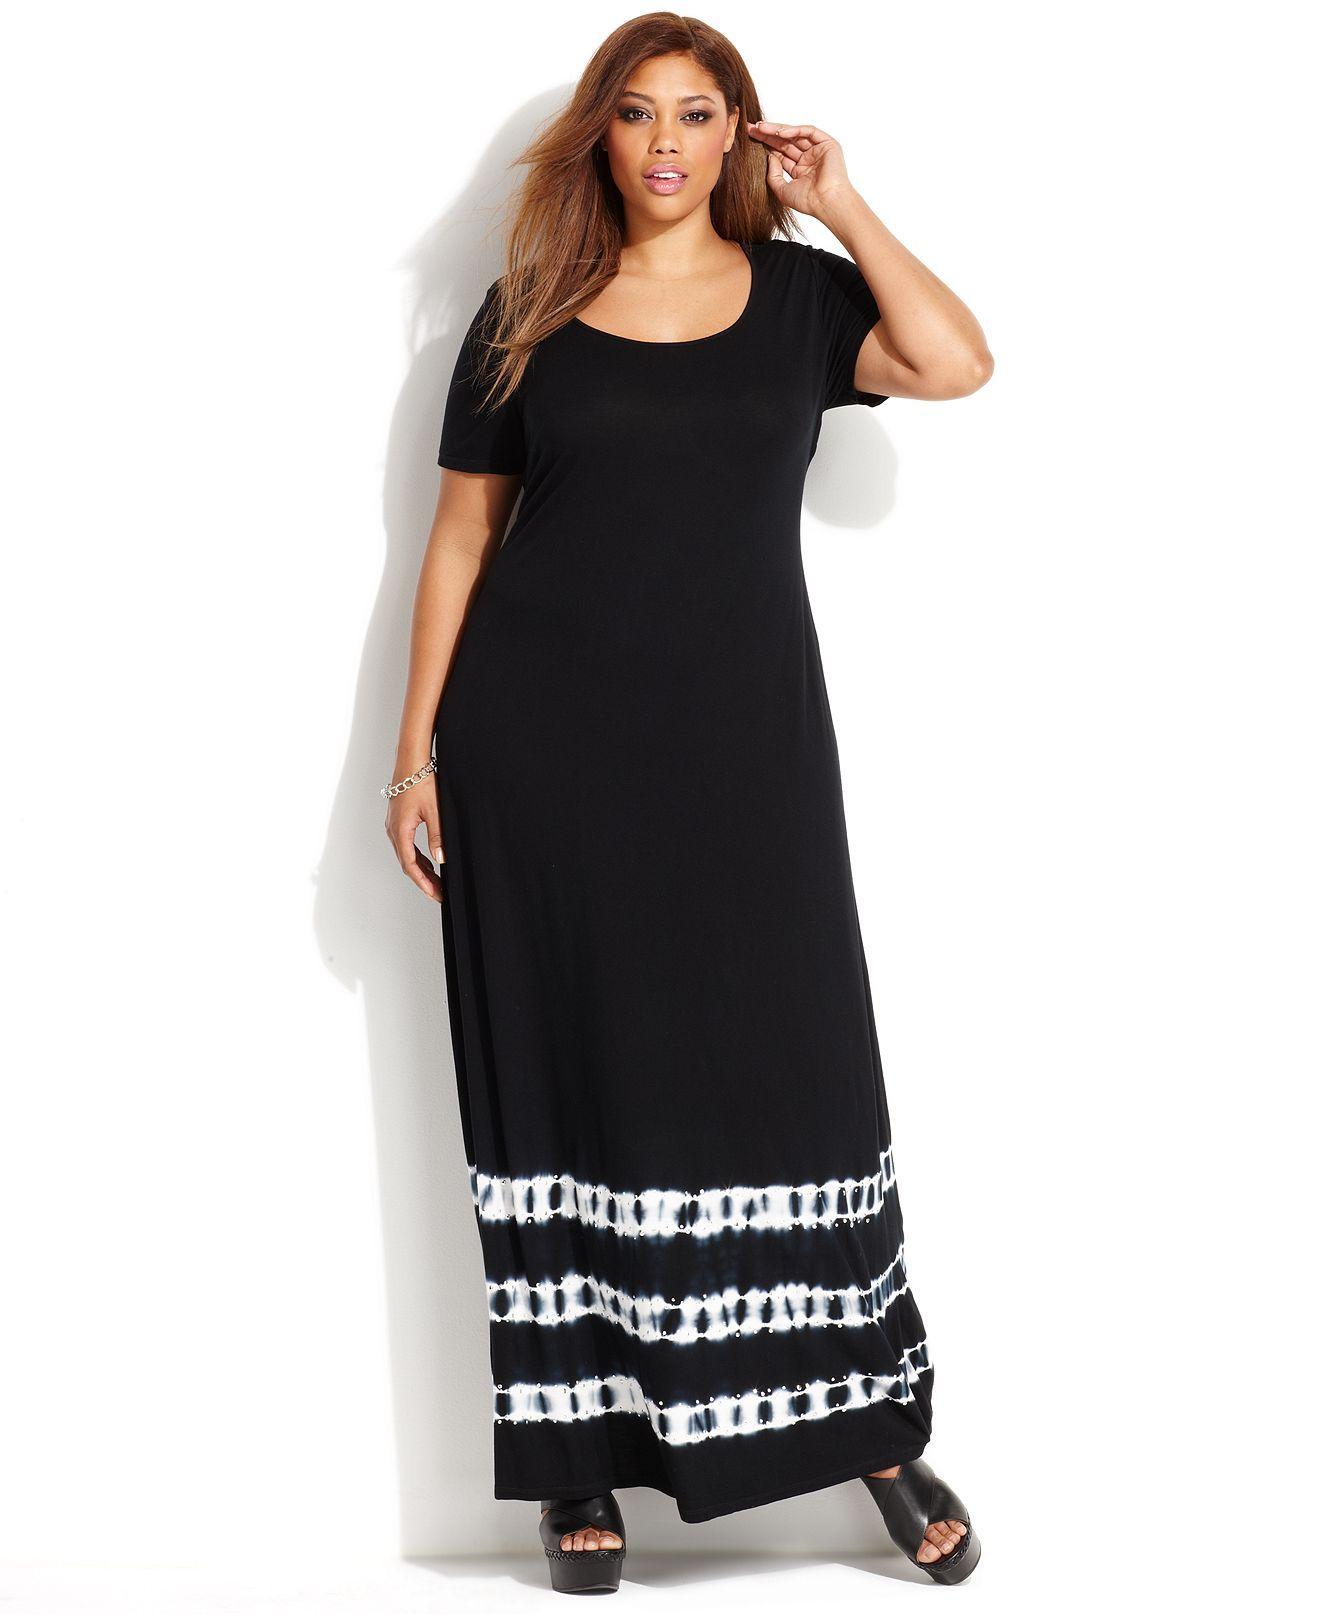 c03f9f6c4d9 INC International Concepts Plus Size Tie-Dye Maxi T-Shirt Dress - Plus Size  Dresses - Plus Sizes - Macy s